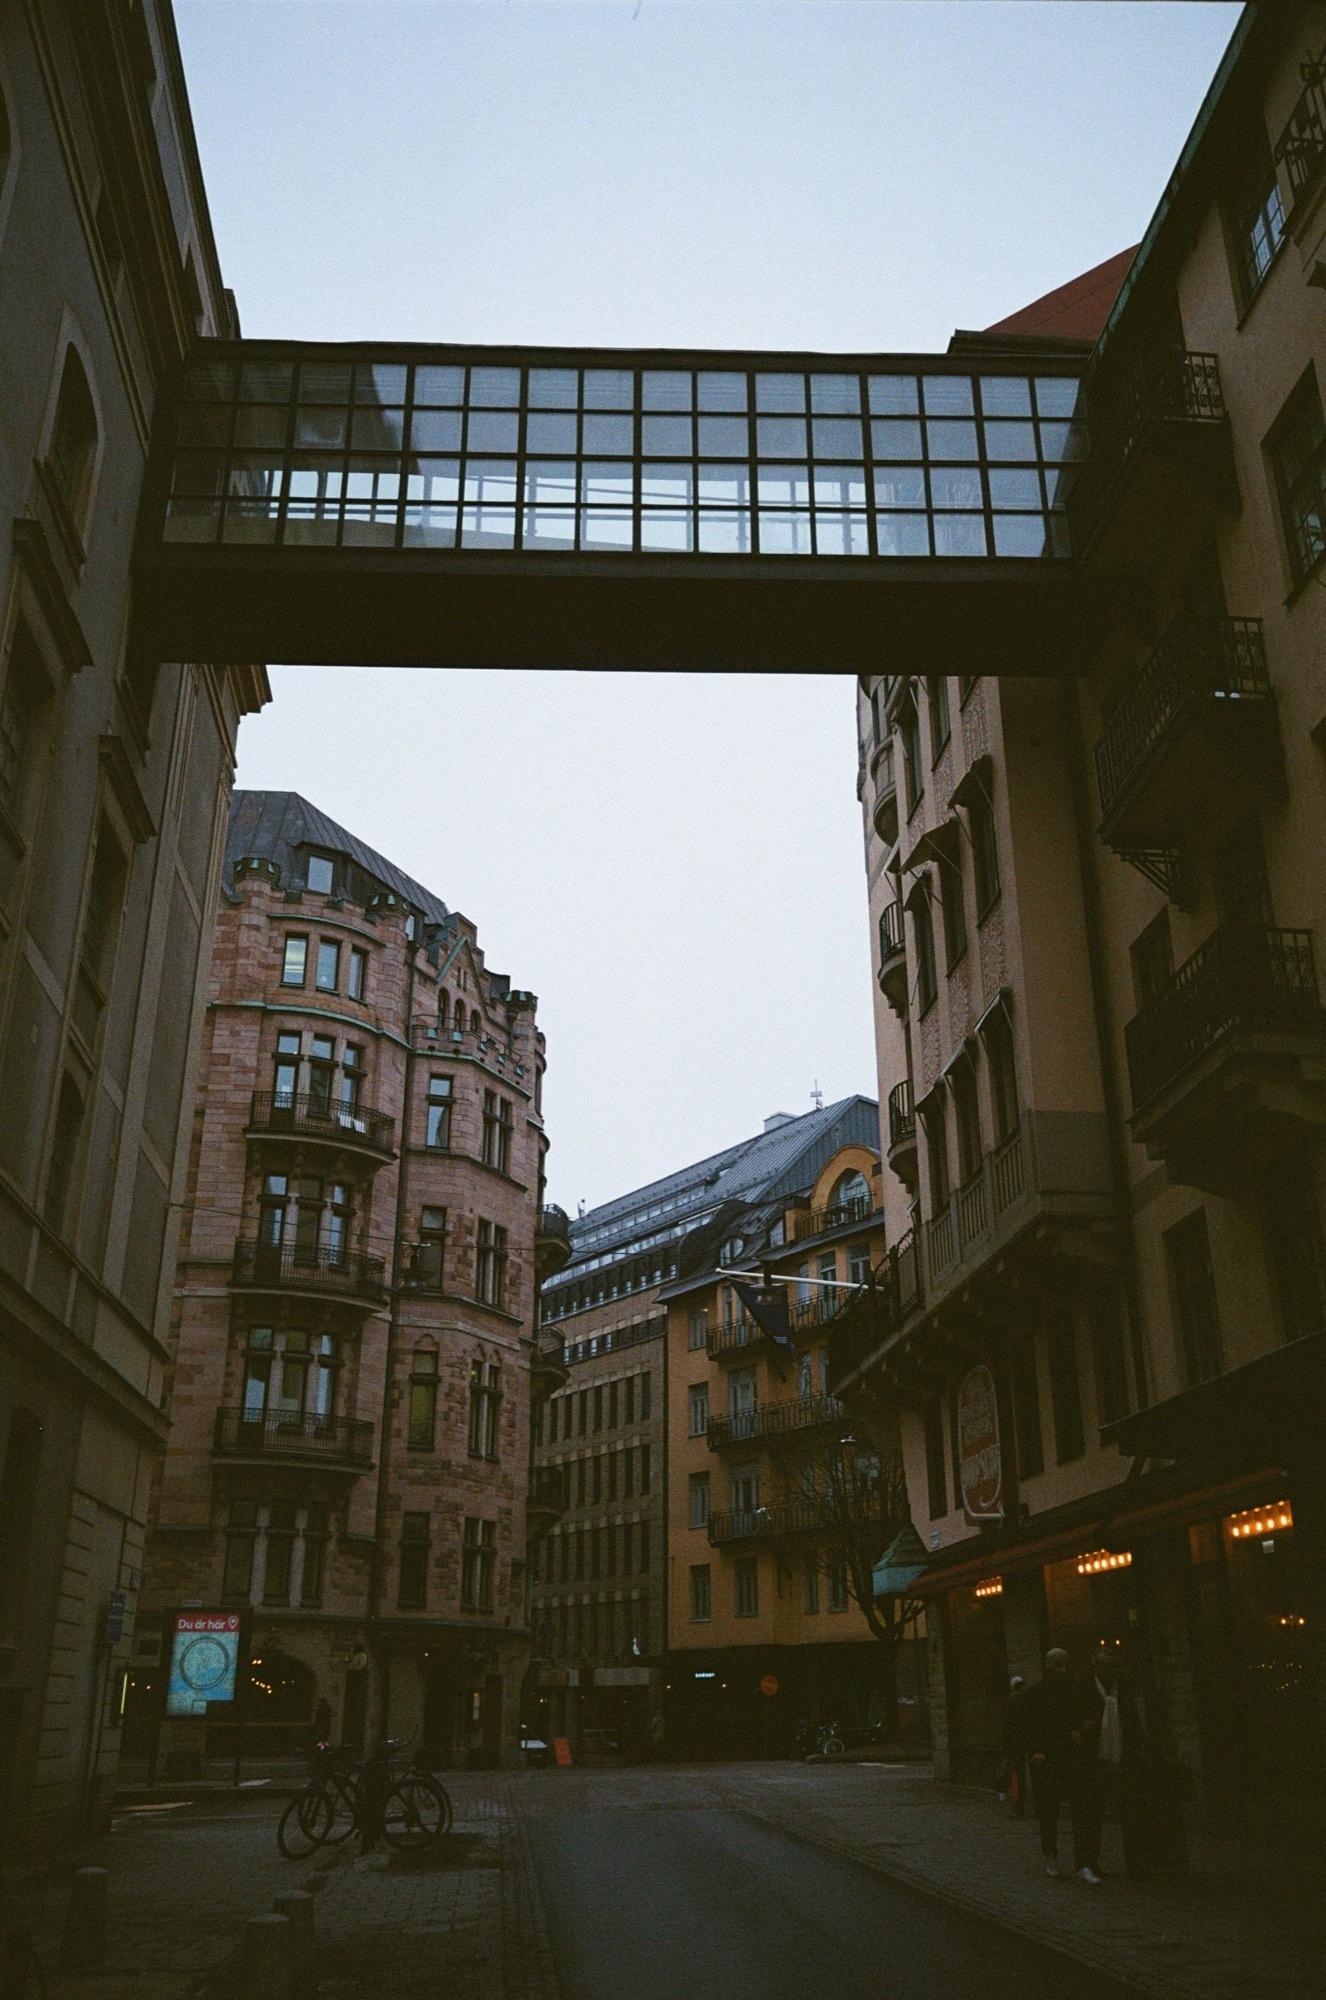 cameraville_leica_mda_stockholm_avenon_28mm_kodak_gold_400_5.jpg